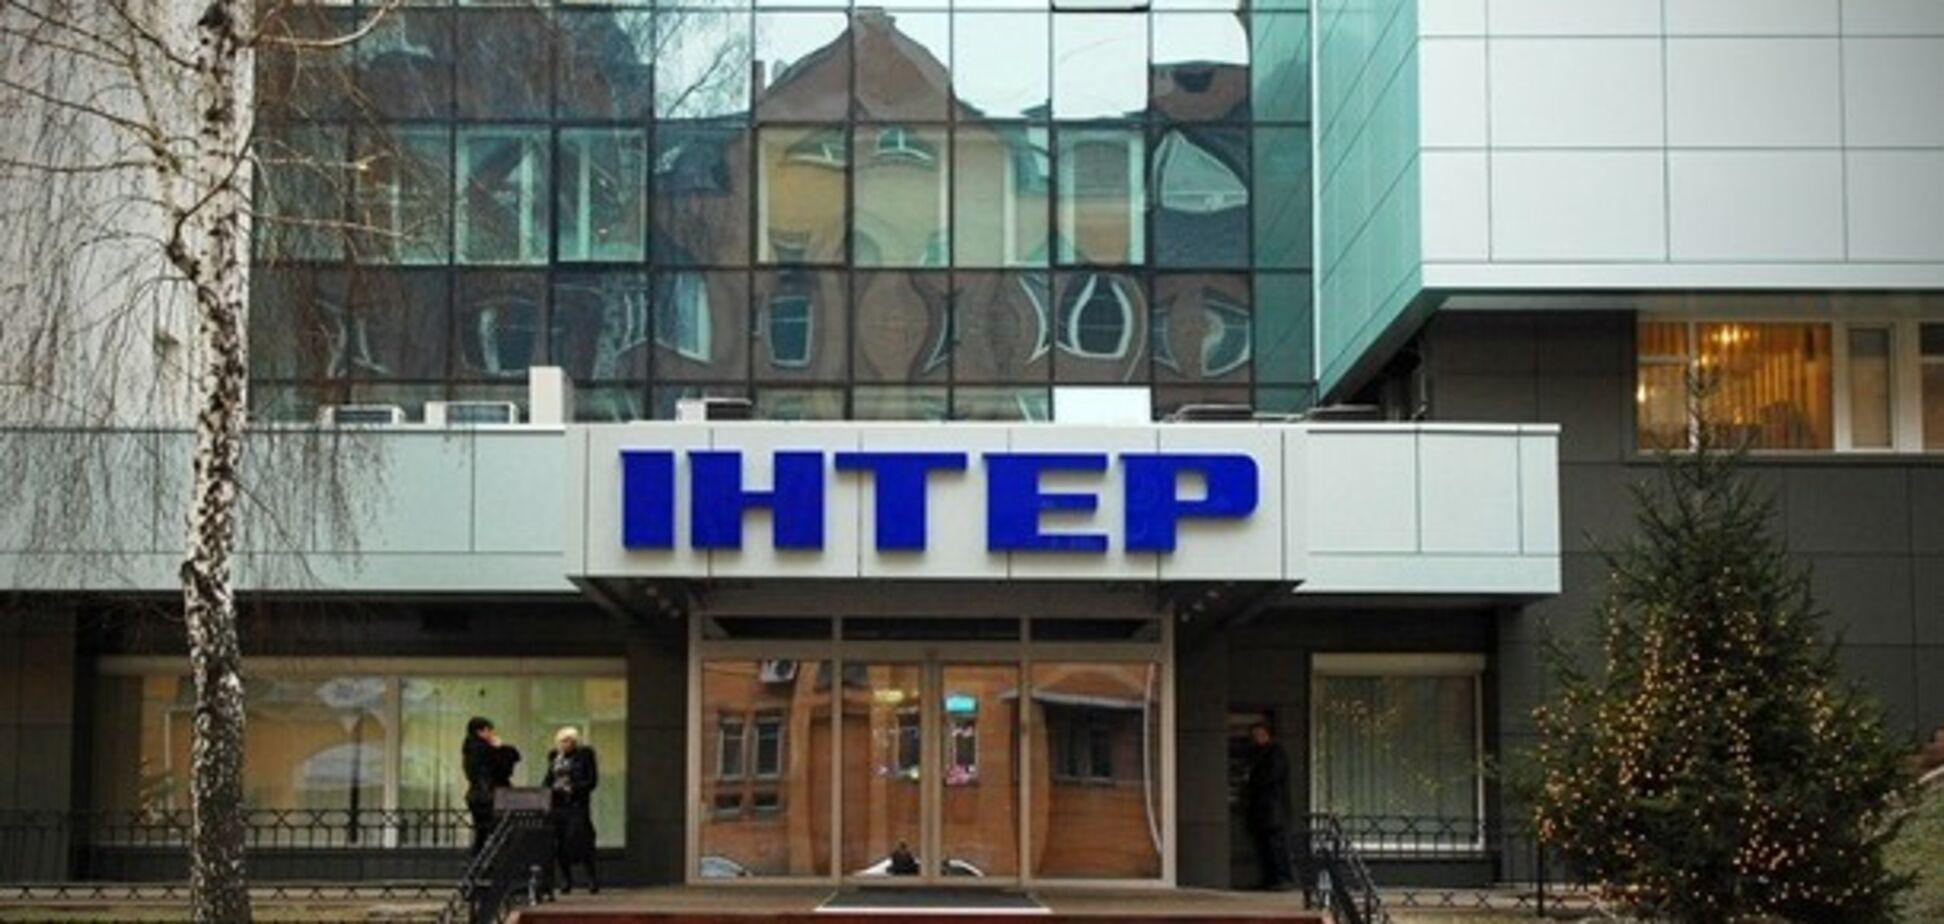 'Інтер' - на цвинтар! В Україні оголосили бойкот скандальному телеканалу